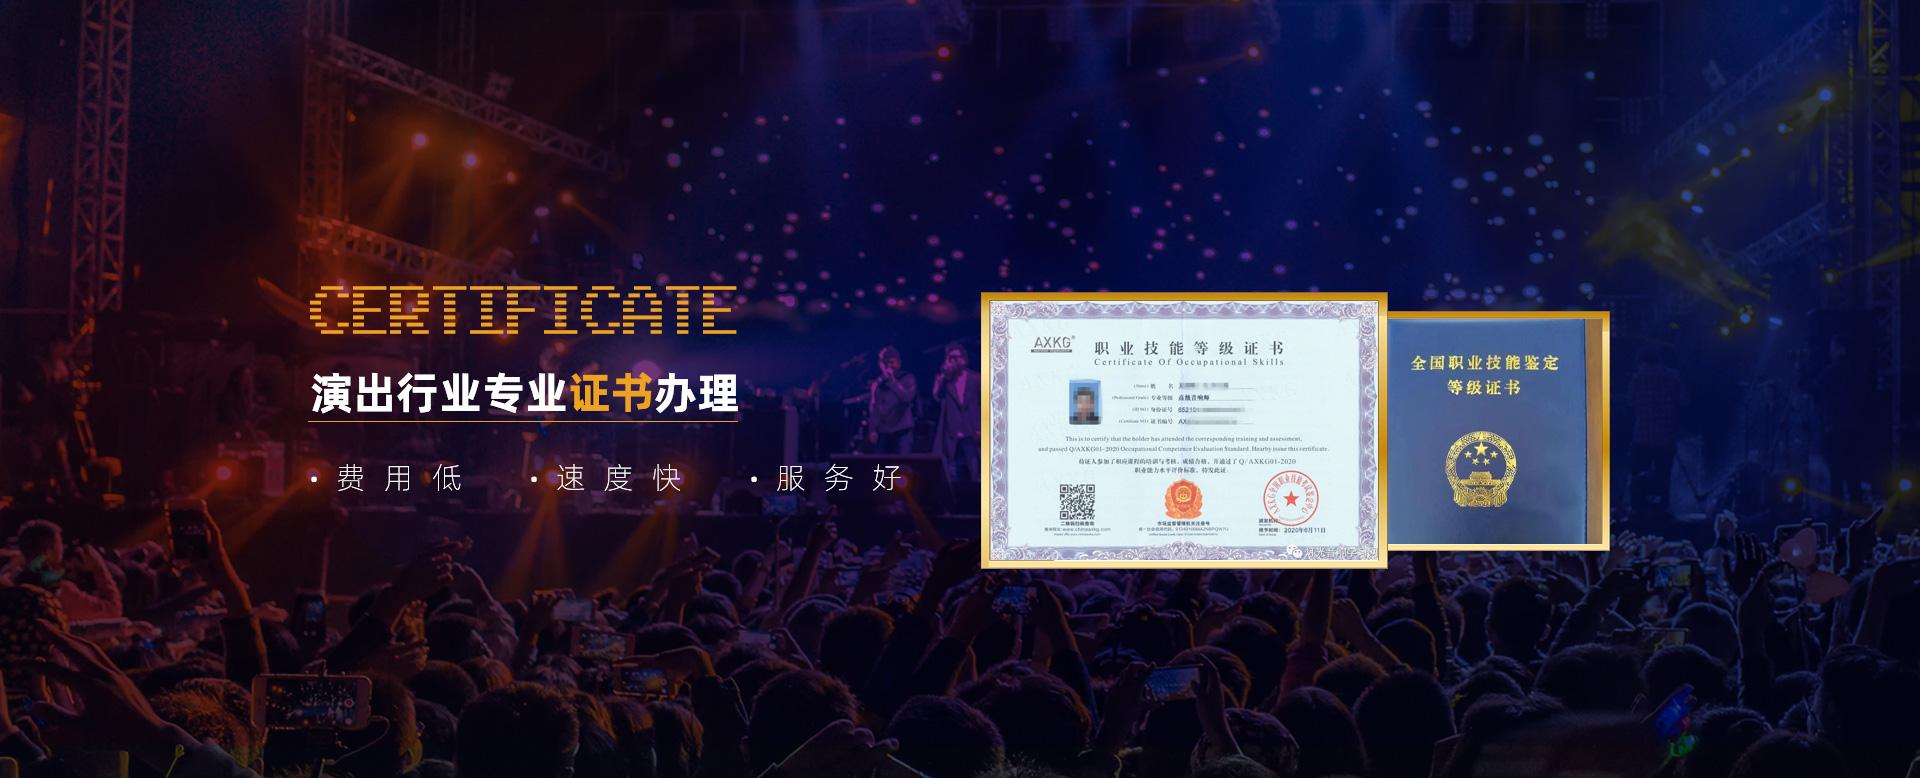 北京灯光视频教程课程